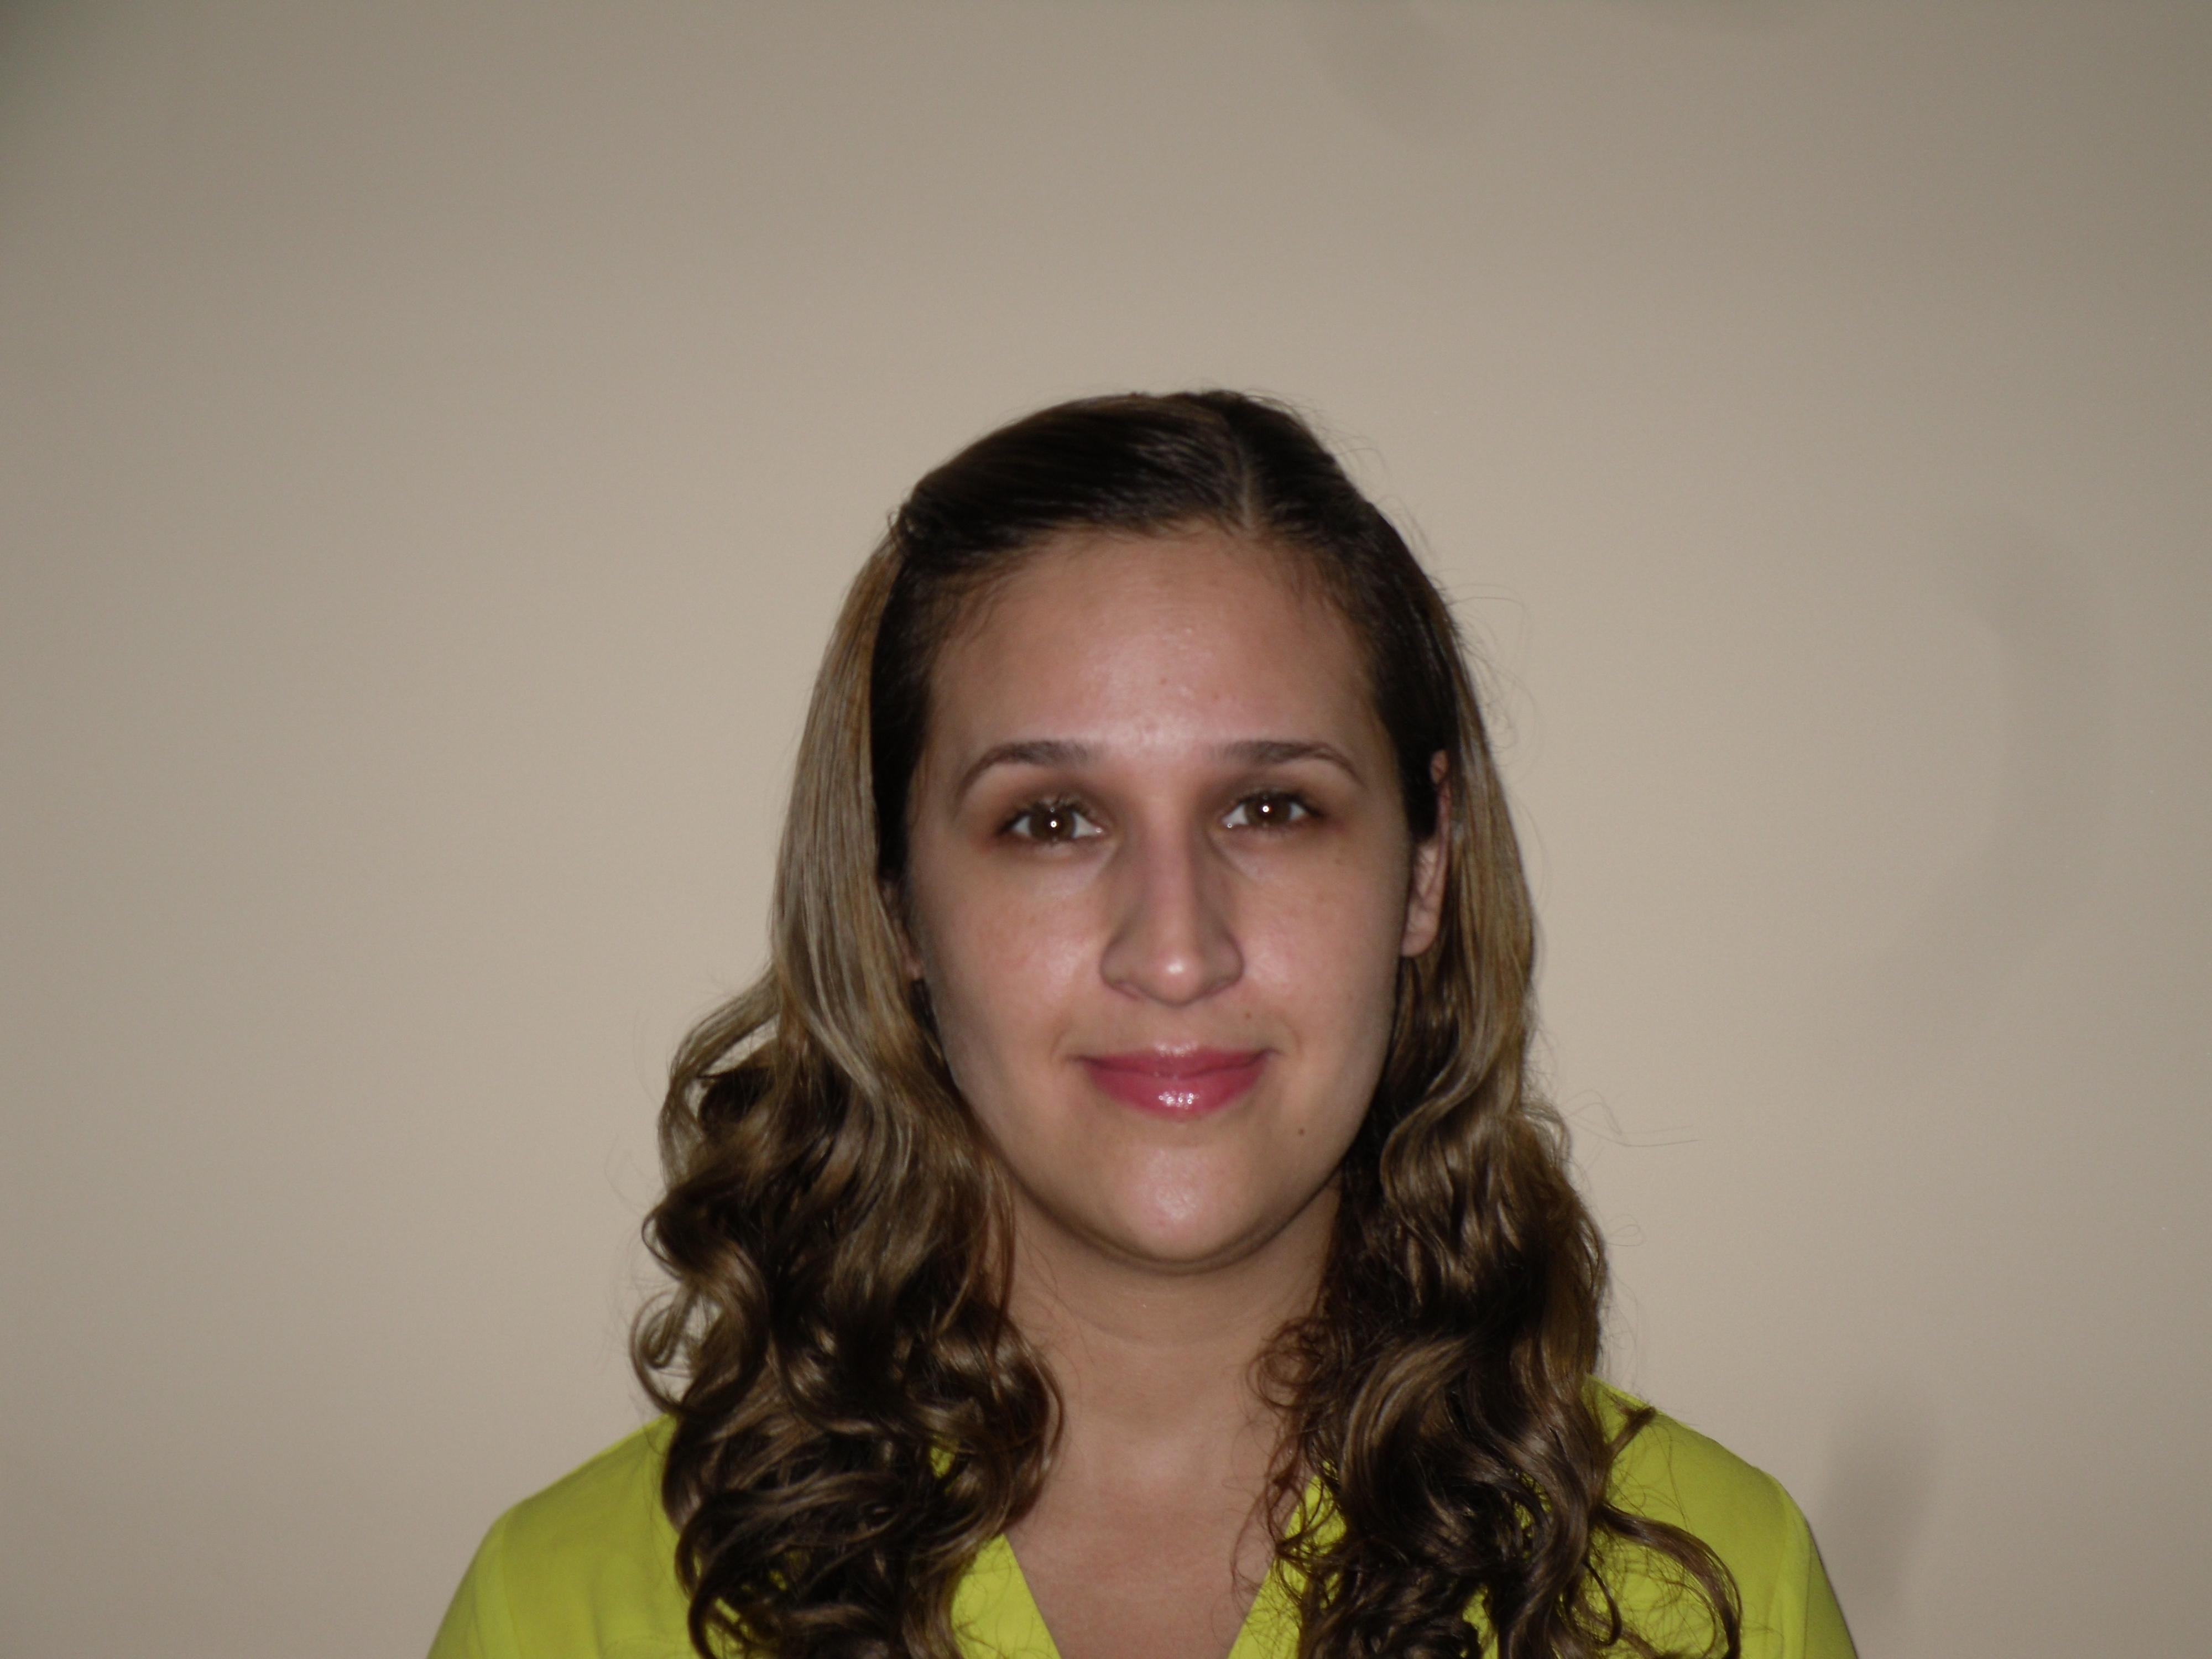 Jacqueline Ordonez